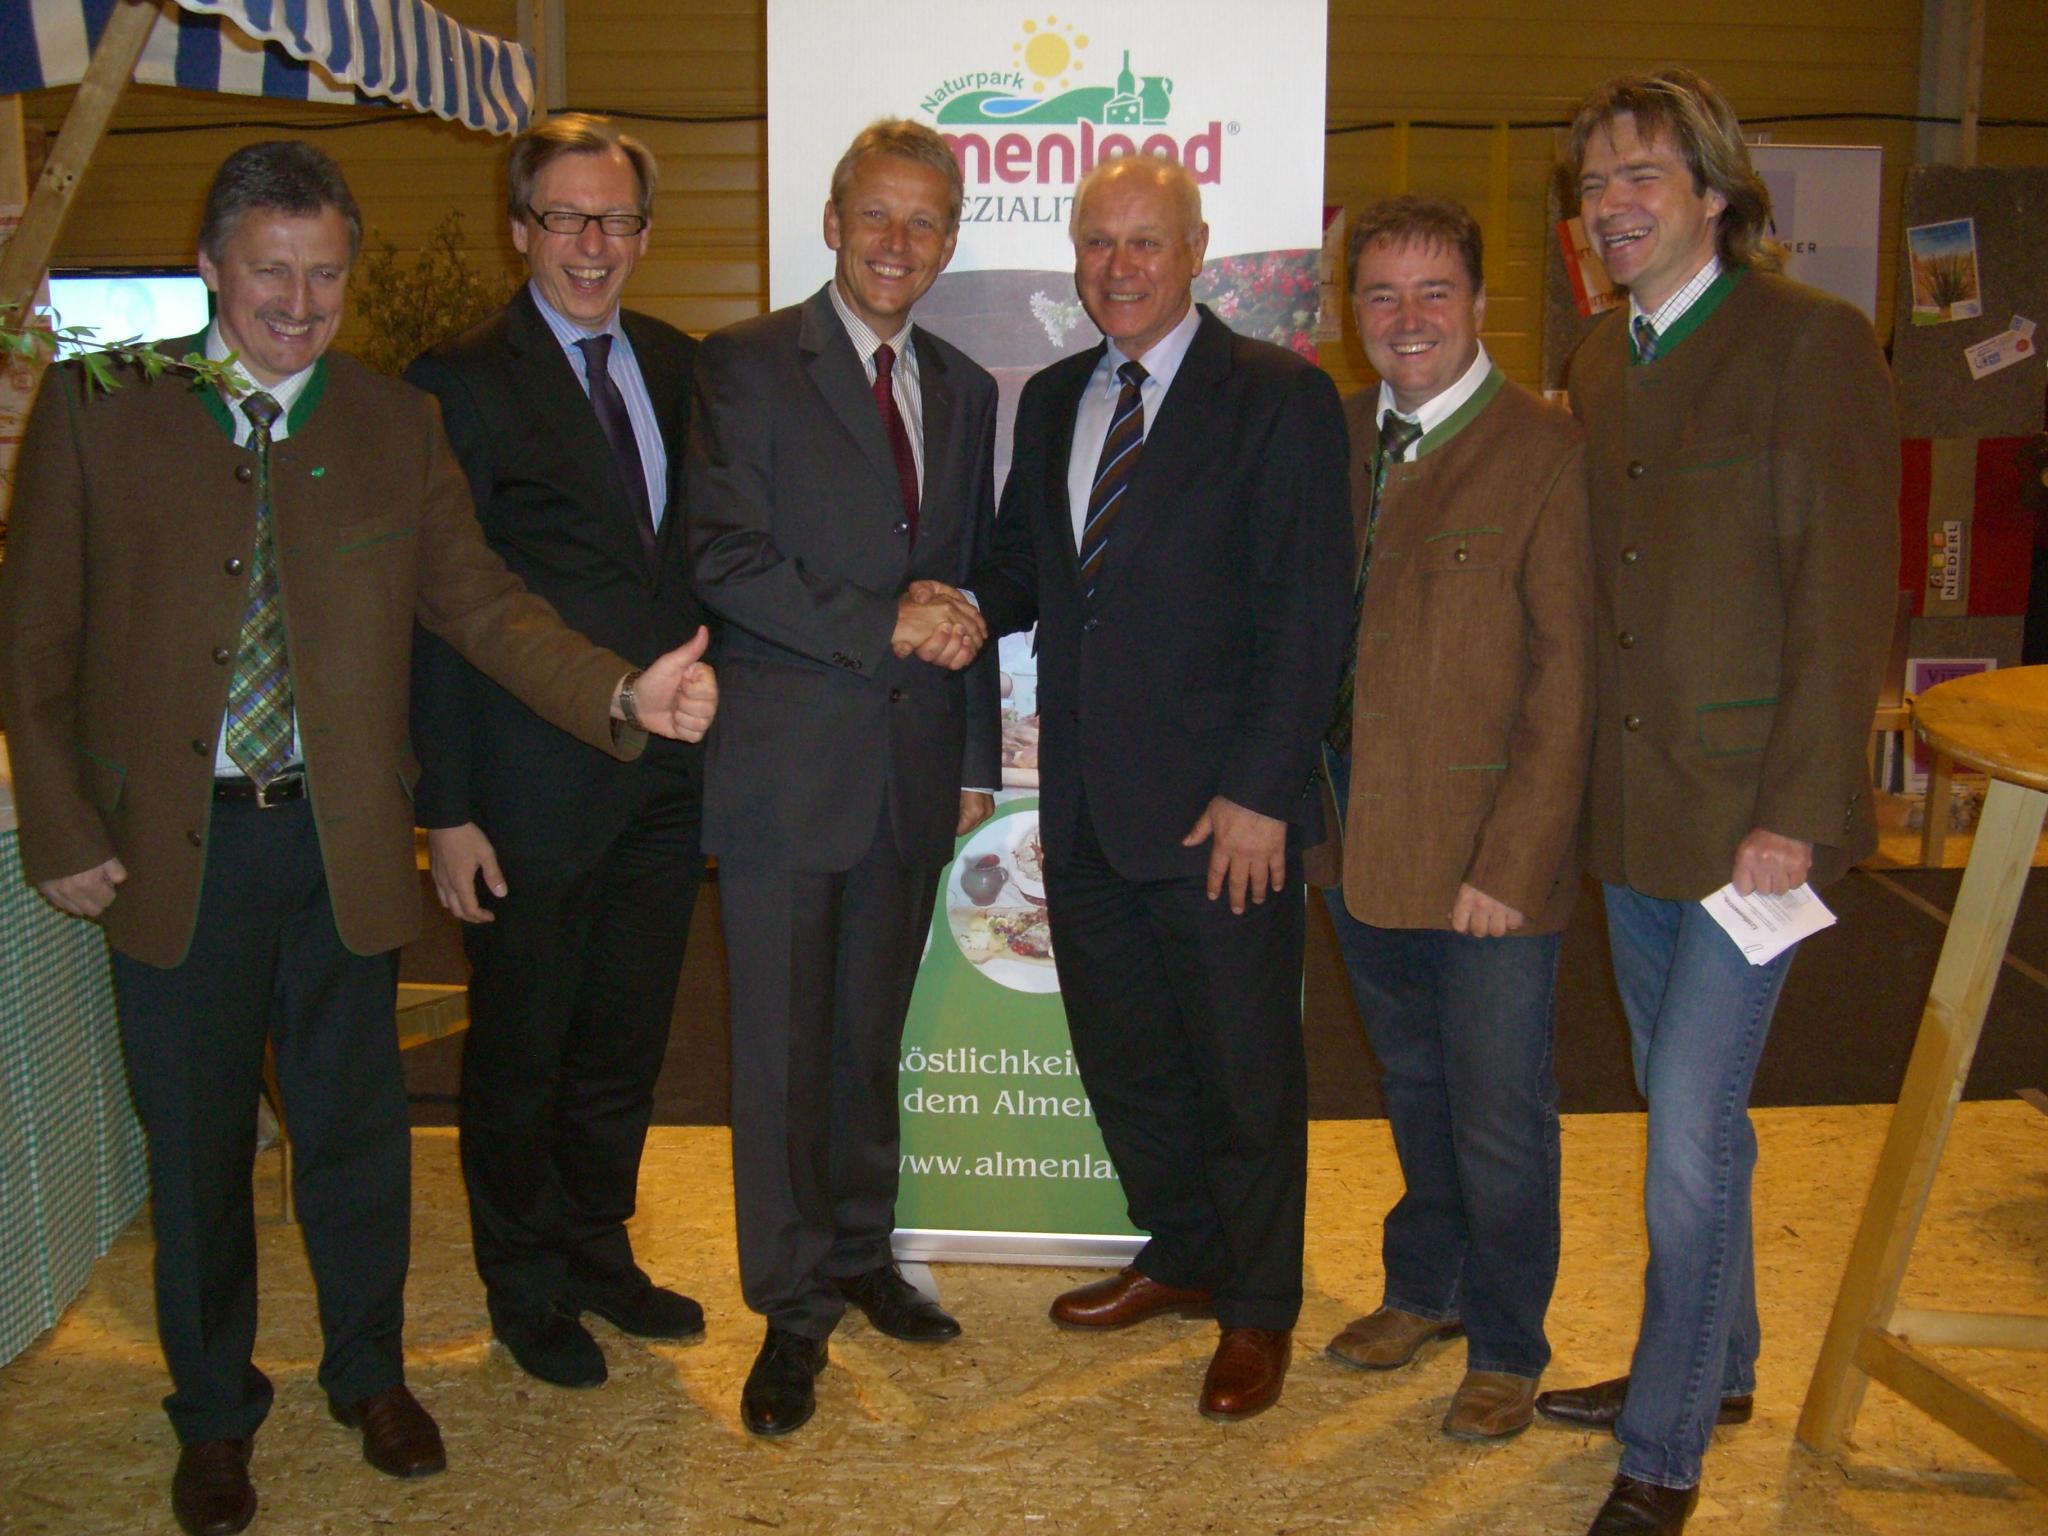 Bei der Eröffnung der Wirtschaftsmesse mit Erwin Gruber, Christian Buchmann, Günter Linzberger, Vinzenz Harrer und Thomas Reisinger (v. li. n. re.) (C) Helmut Hindler